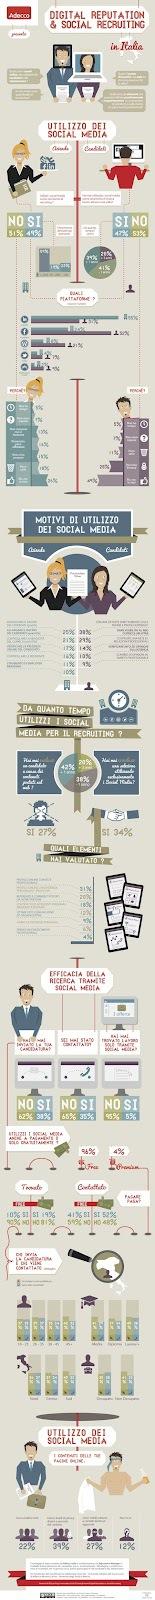 Social Recruiting e Digital Reputation: un'infografica in italiano